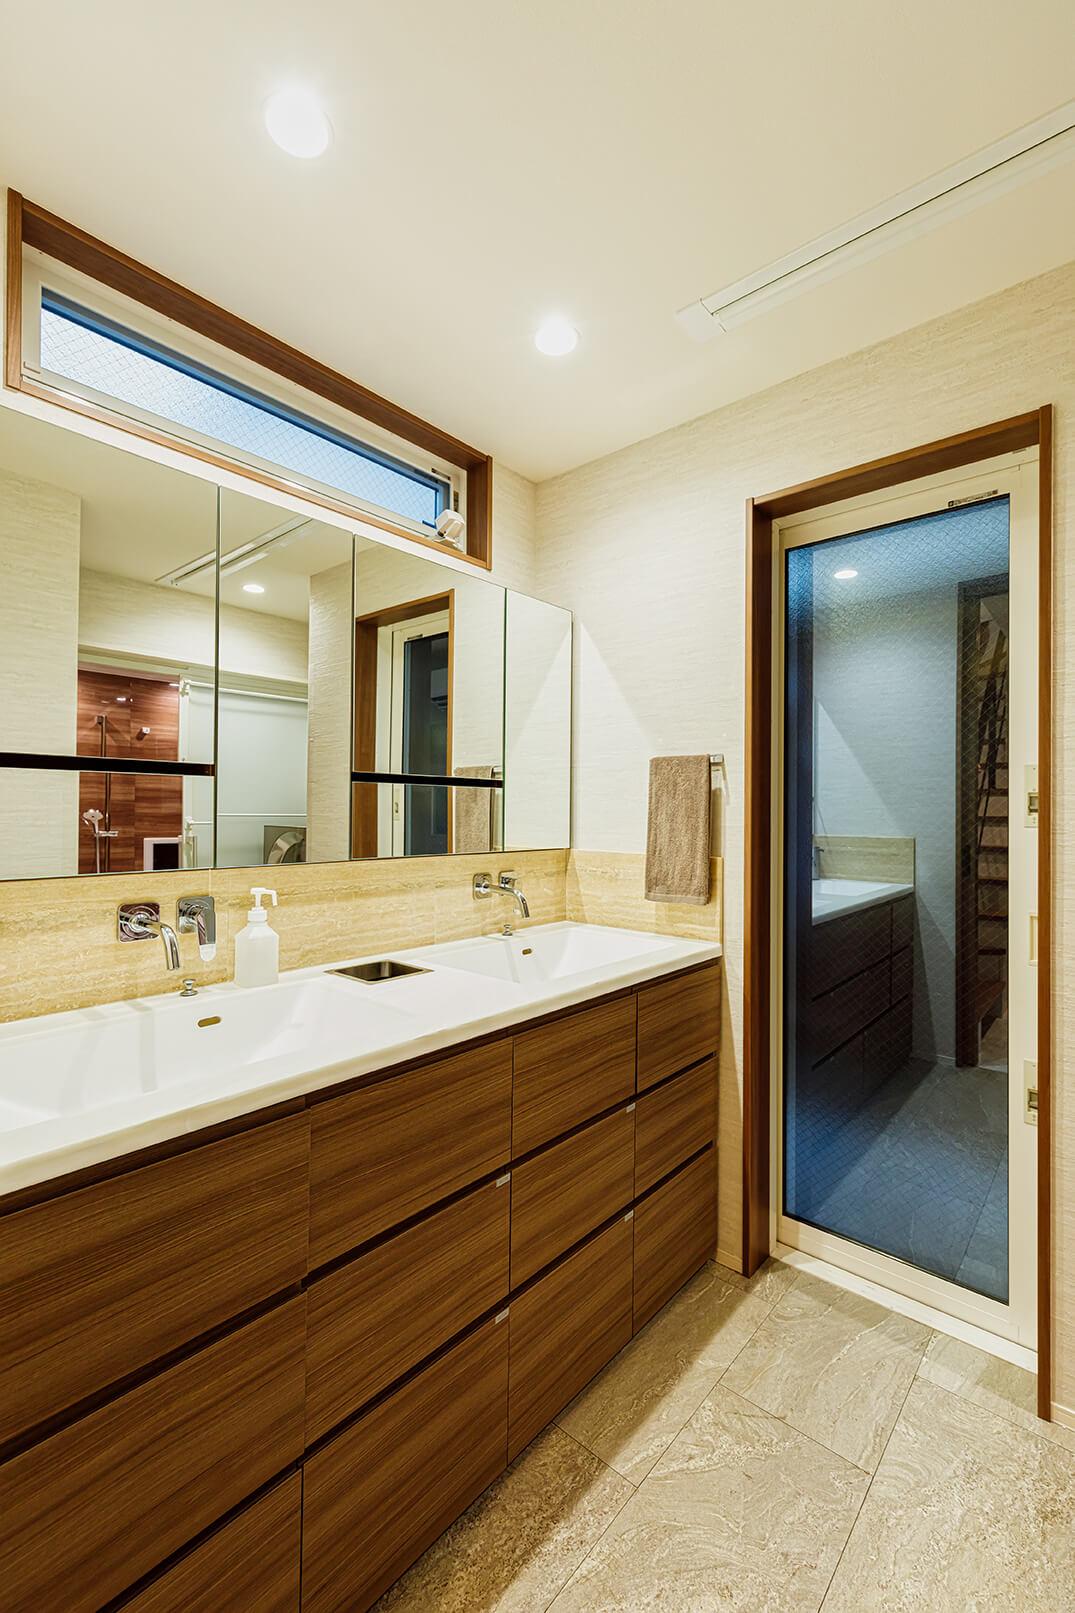 洗面室はタイルと木の温もりを活かした清潔感あふれる設計。2つの洗面ボウルが忙しい朝には重宝します。このスッキリとした空間を実現しているのが隠された収納。「主人はいちばん時間をかけて計画していました」と奥様